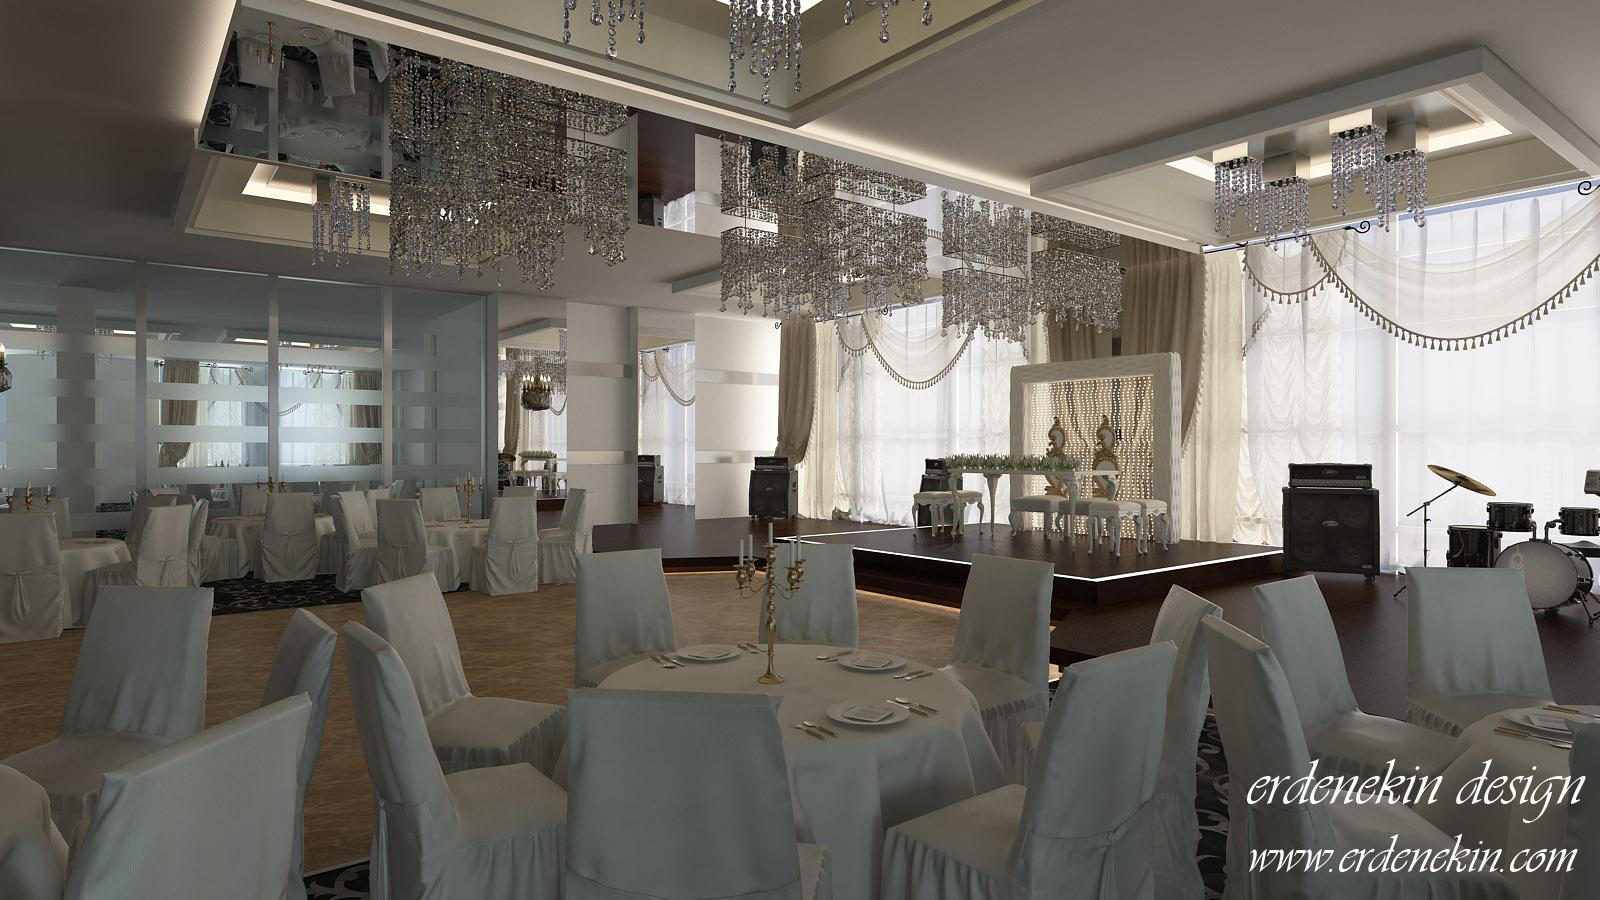 Wedding hall by erdenekin on deviantart for Marriage hall interior designs